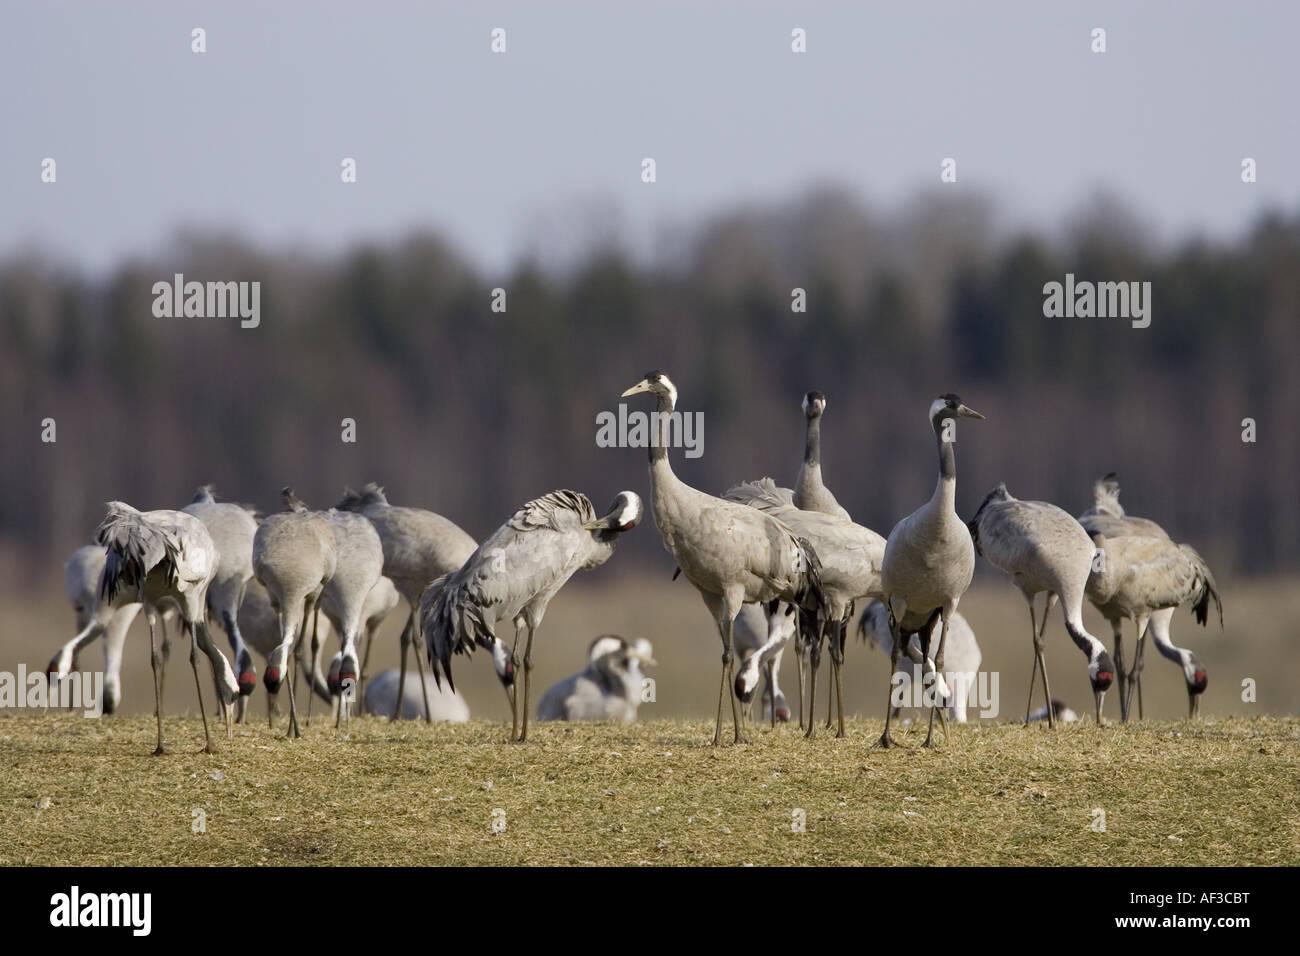 common crane (Grus grus), flock on meadow, Sweden, Hornborgasjoen - Stock Image